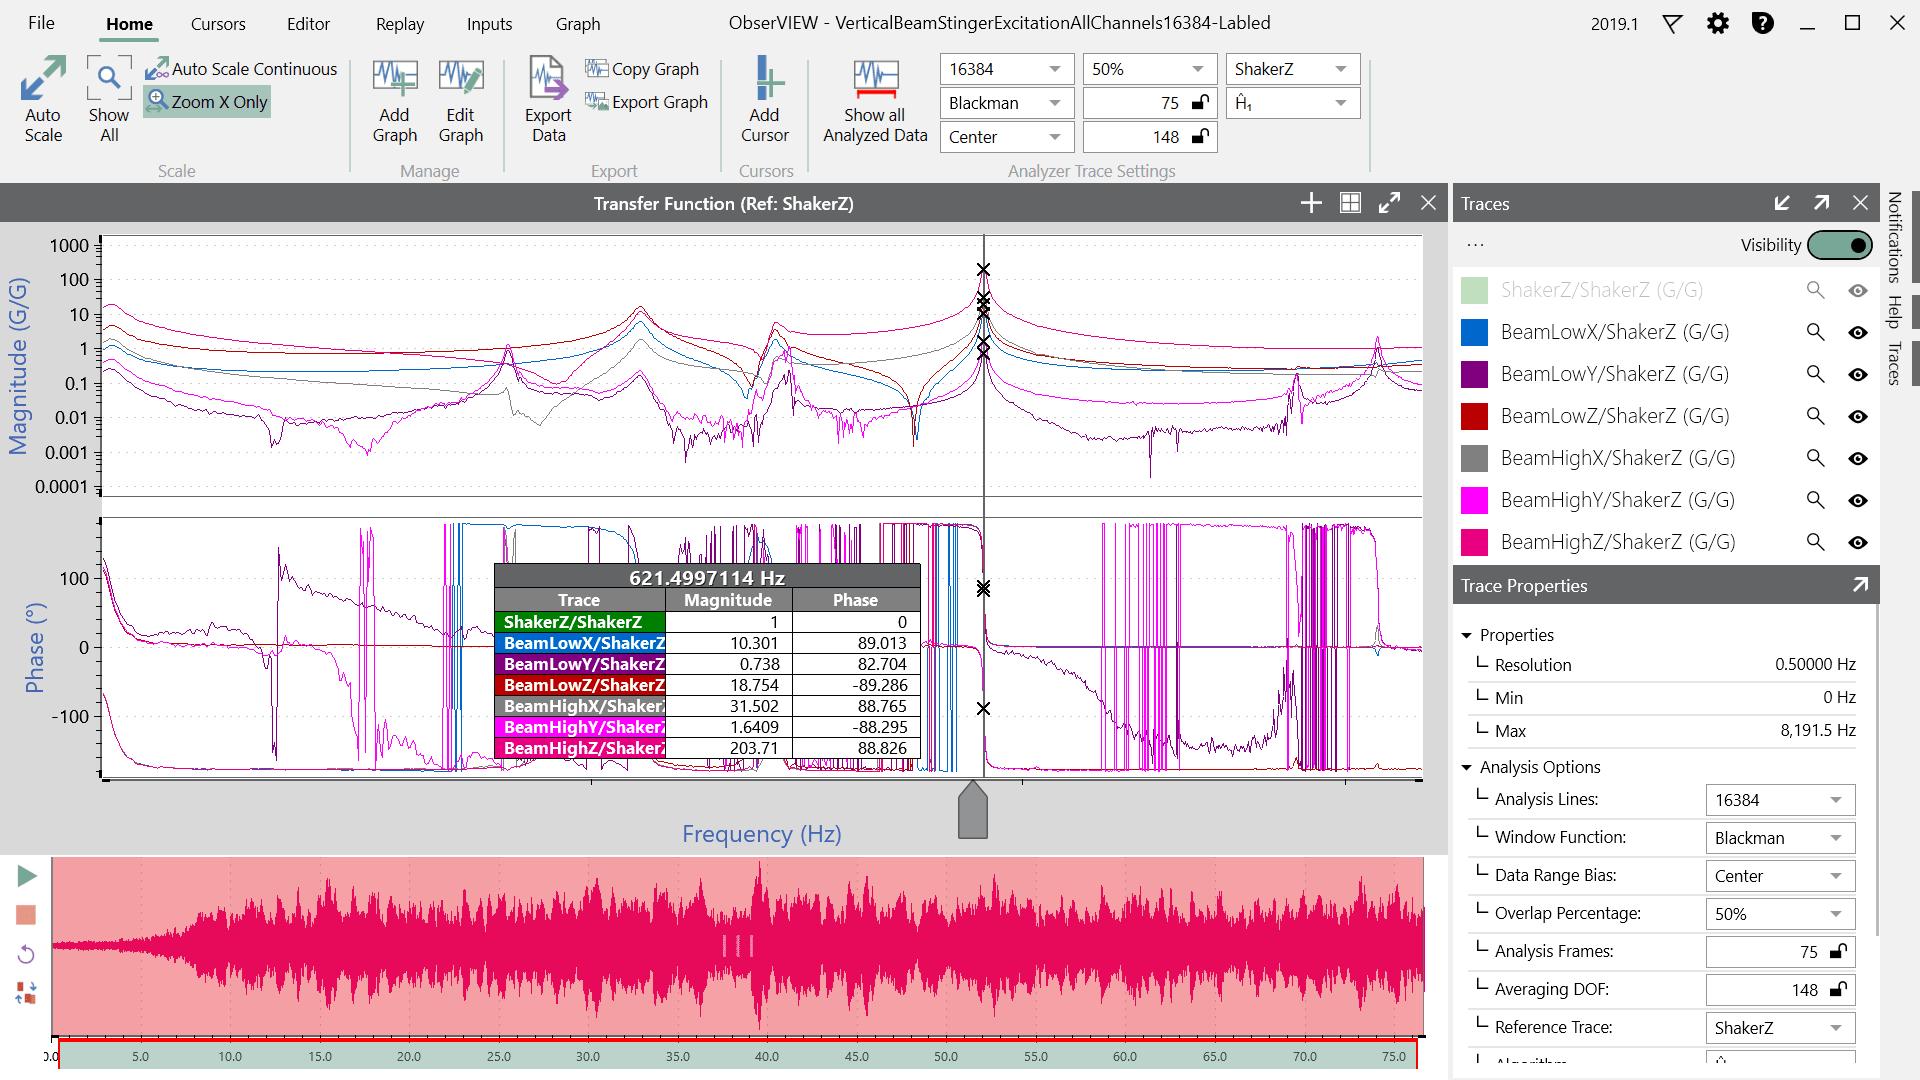 ObserVIEW feature screenshot